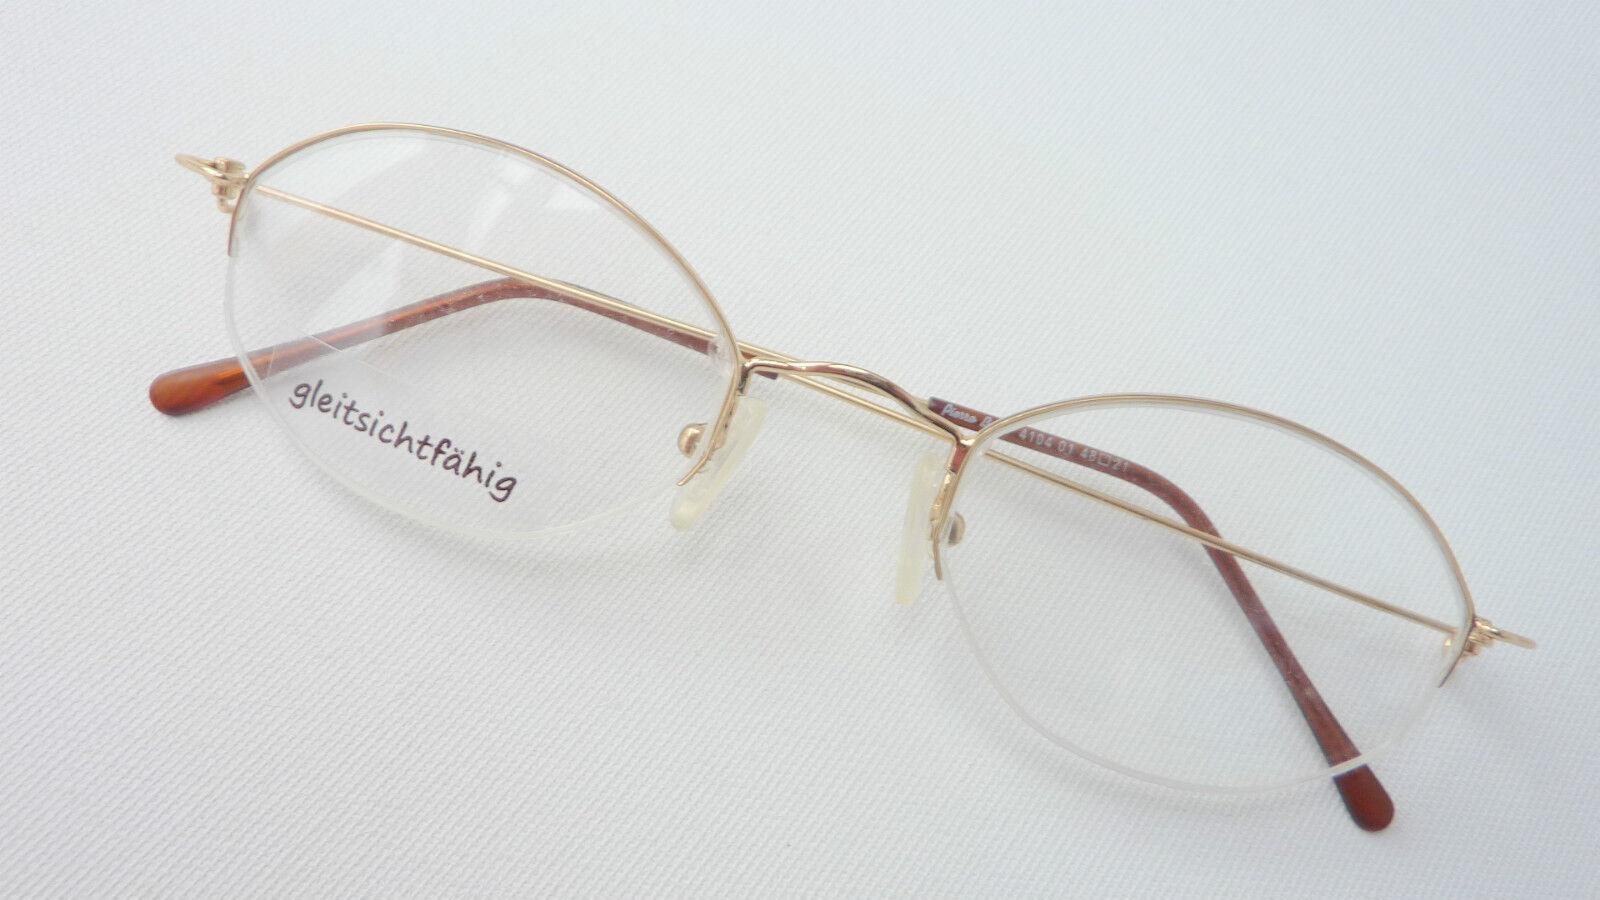 Pierre Bart Nylorbrille leicht Gold Brillenfassung Gestell oval Grösse M     | Am praktischsten